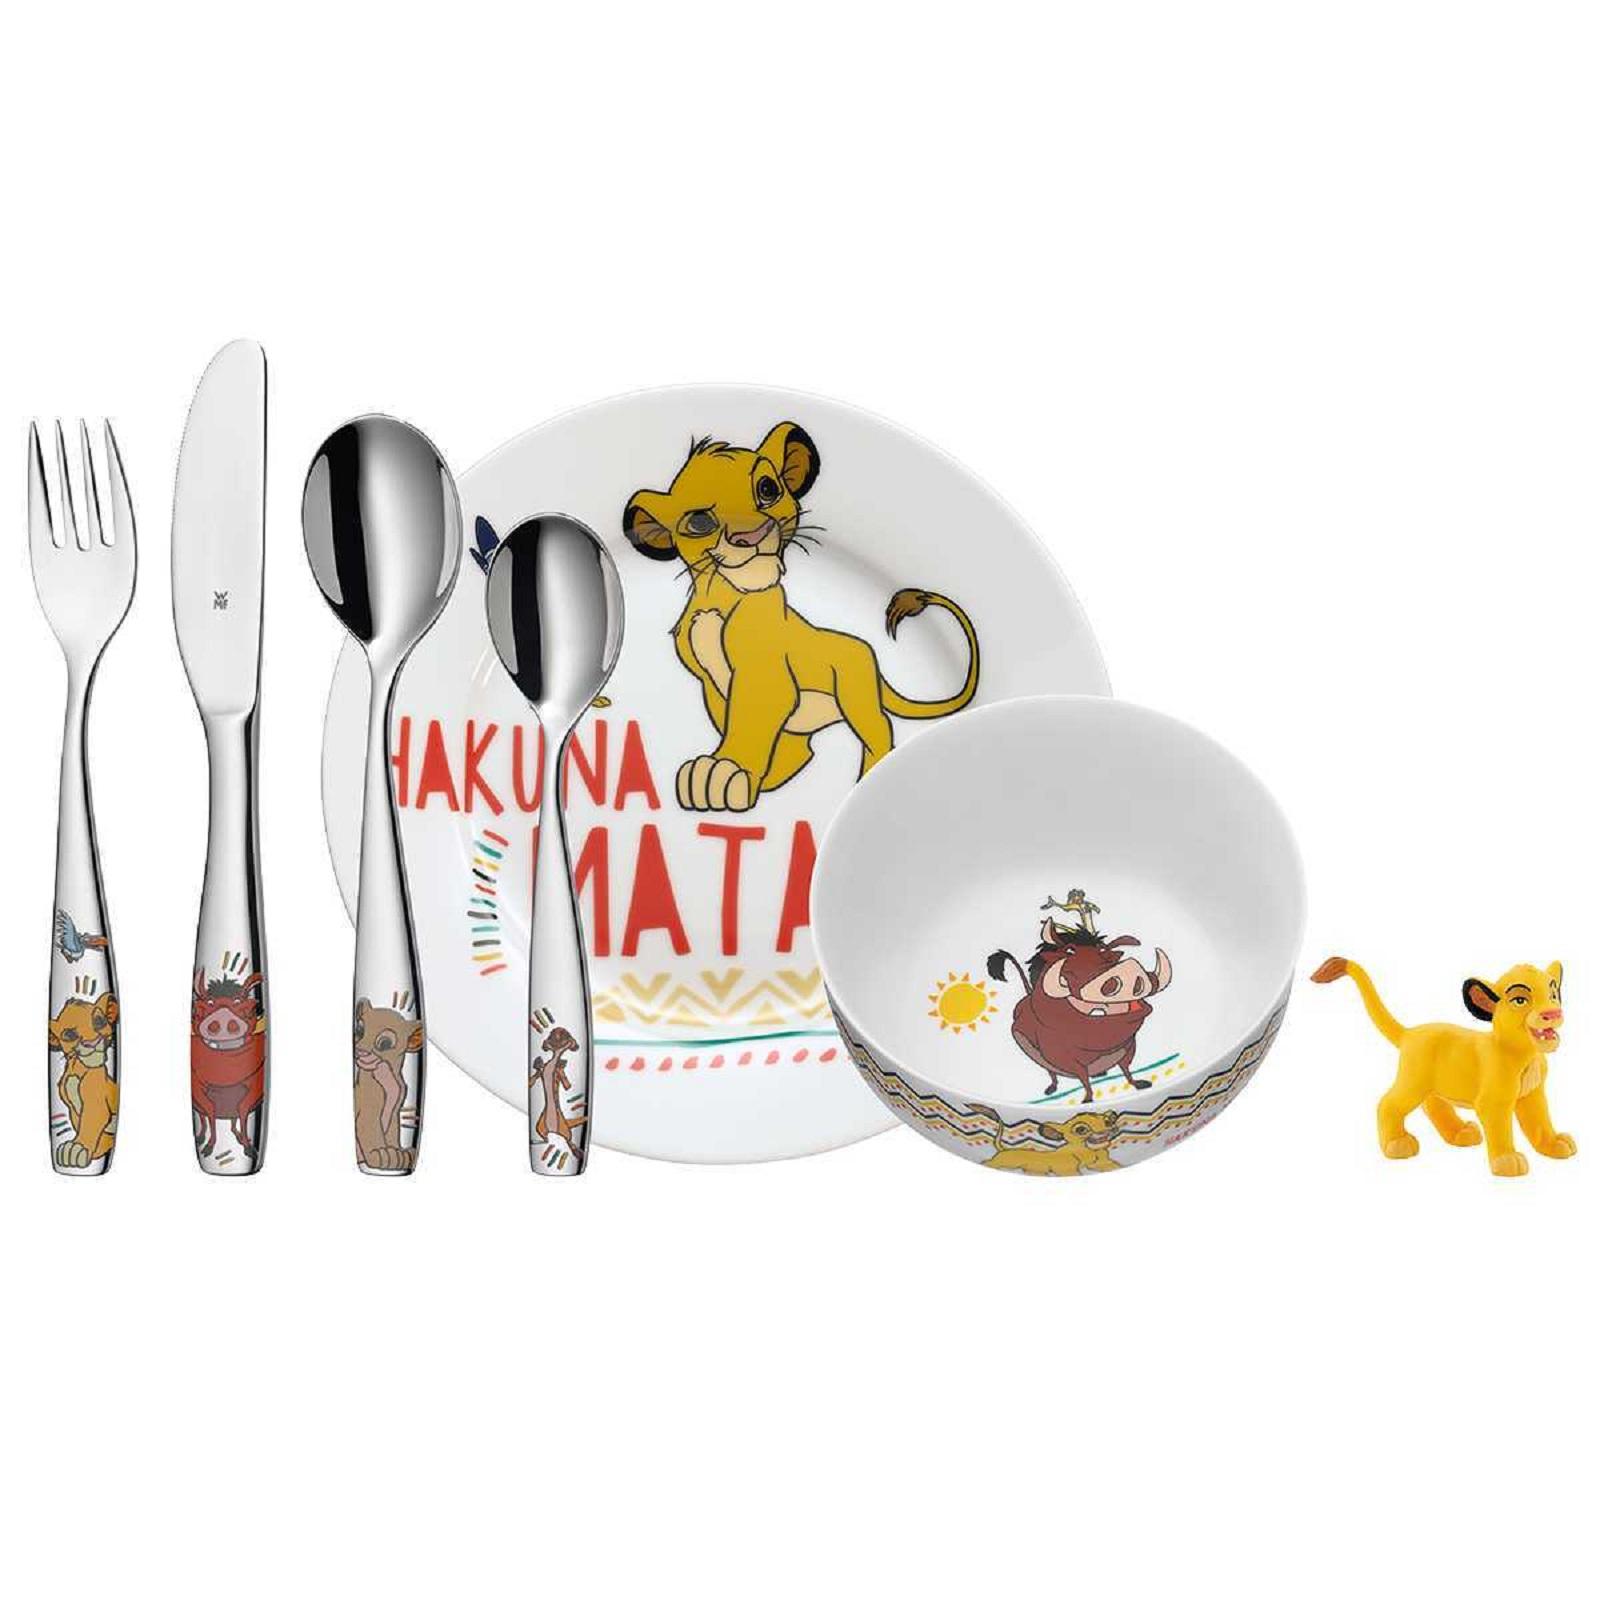 Набор посуды детский WMF LION KING, разноцветный, 6 предметов WMF 12 8604 9964 фото 0